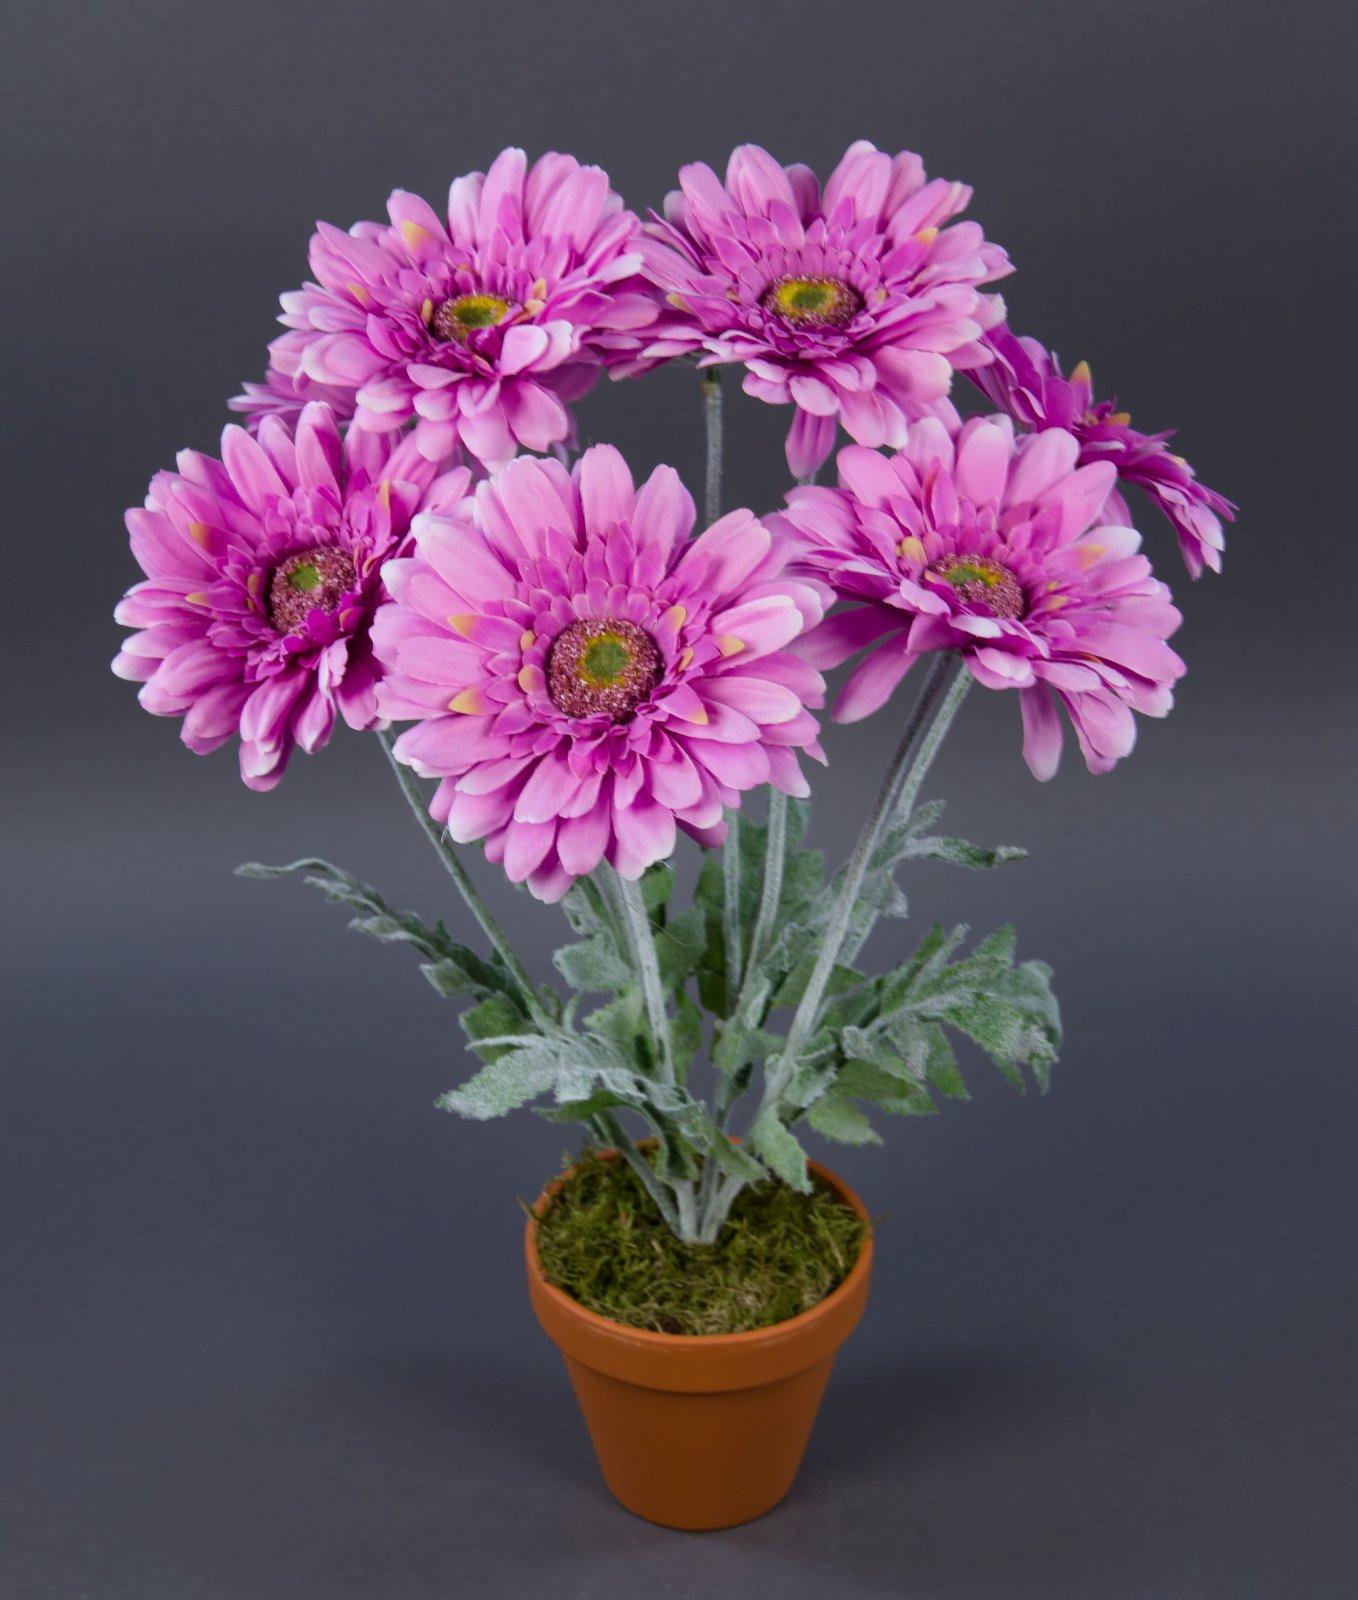 gerbera 45cm lavendel im topf lm kunstpflanzen k nstliche. Black Bedroom Furniture Sets. Home Design Ideas